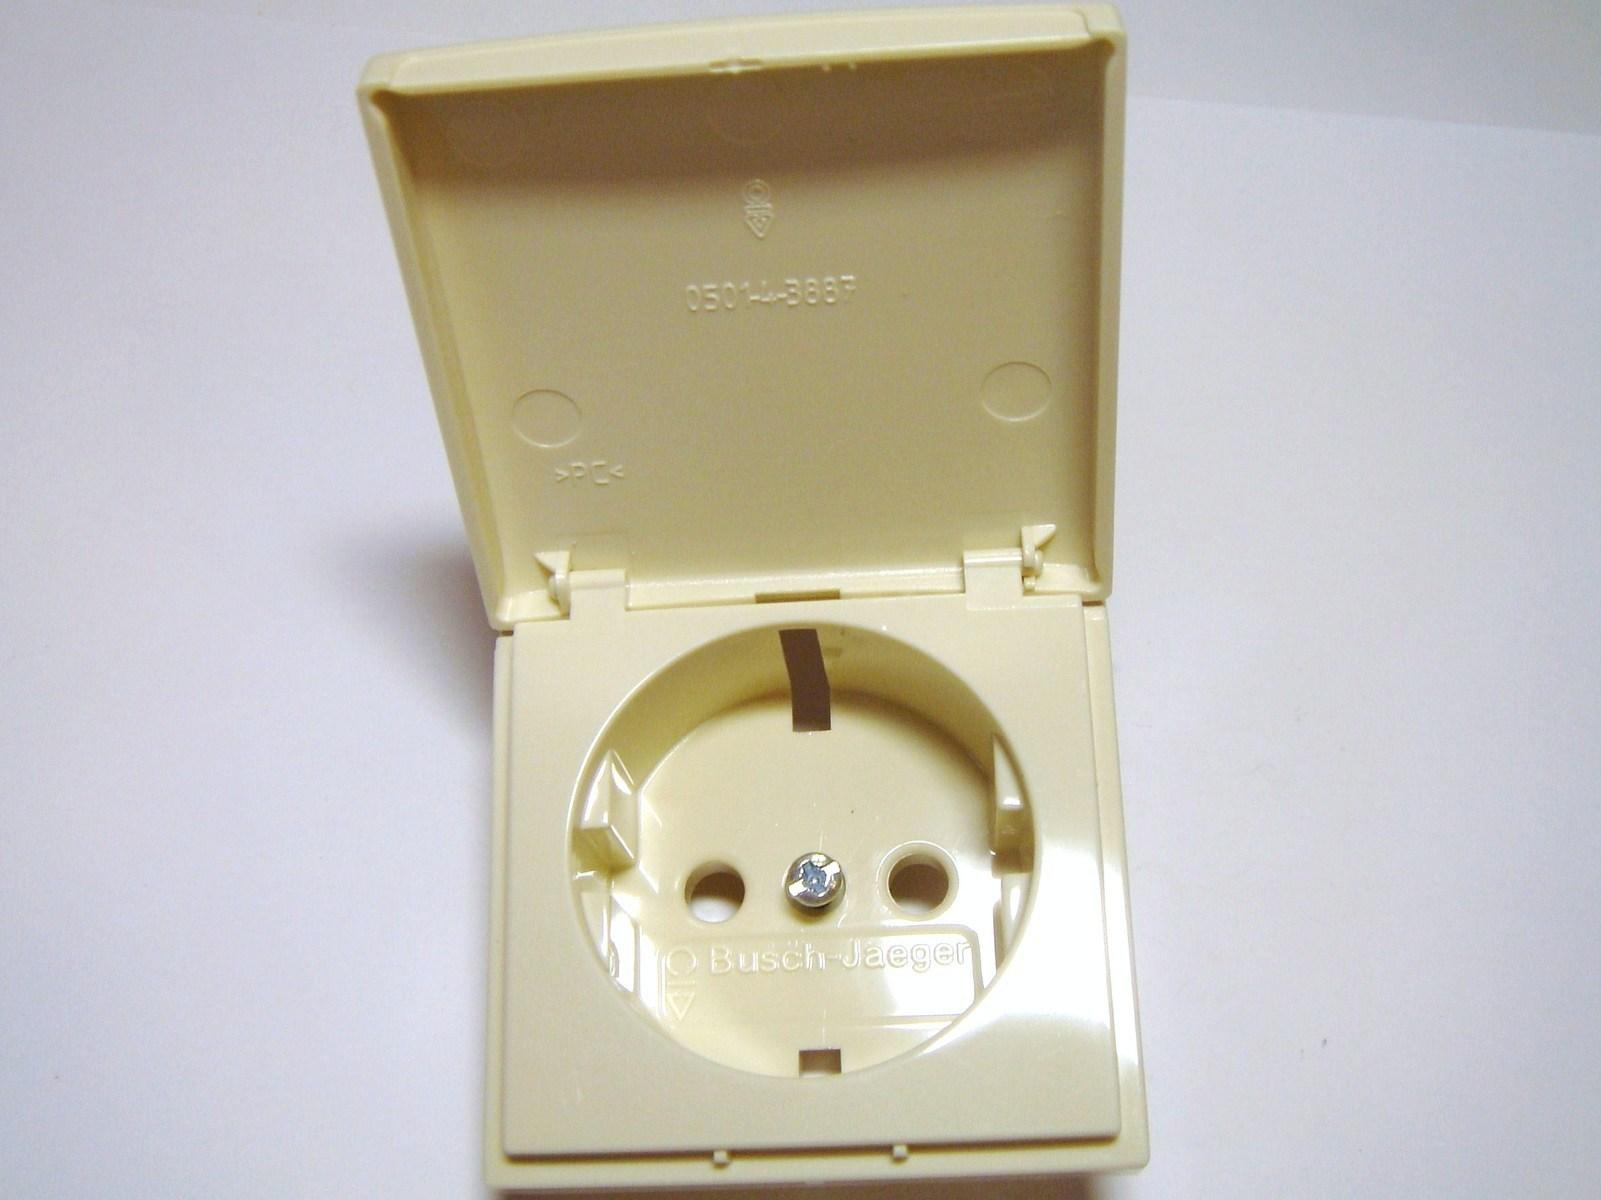 Niiskuskindel keskplaat ABB (sari - Basic55), 20EUK-92-507, süvispaigaldusega pistikupesa sisule